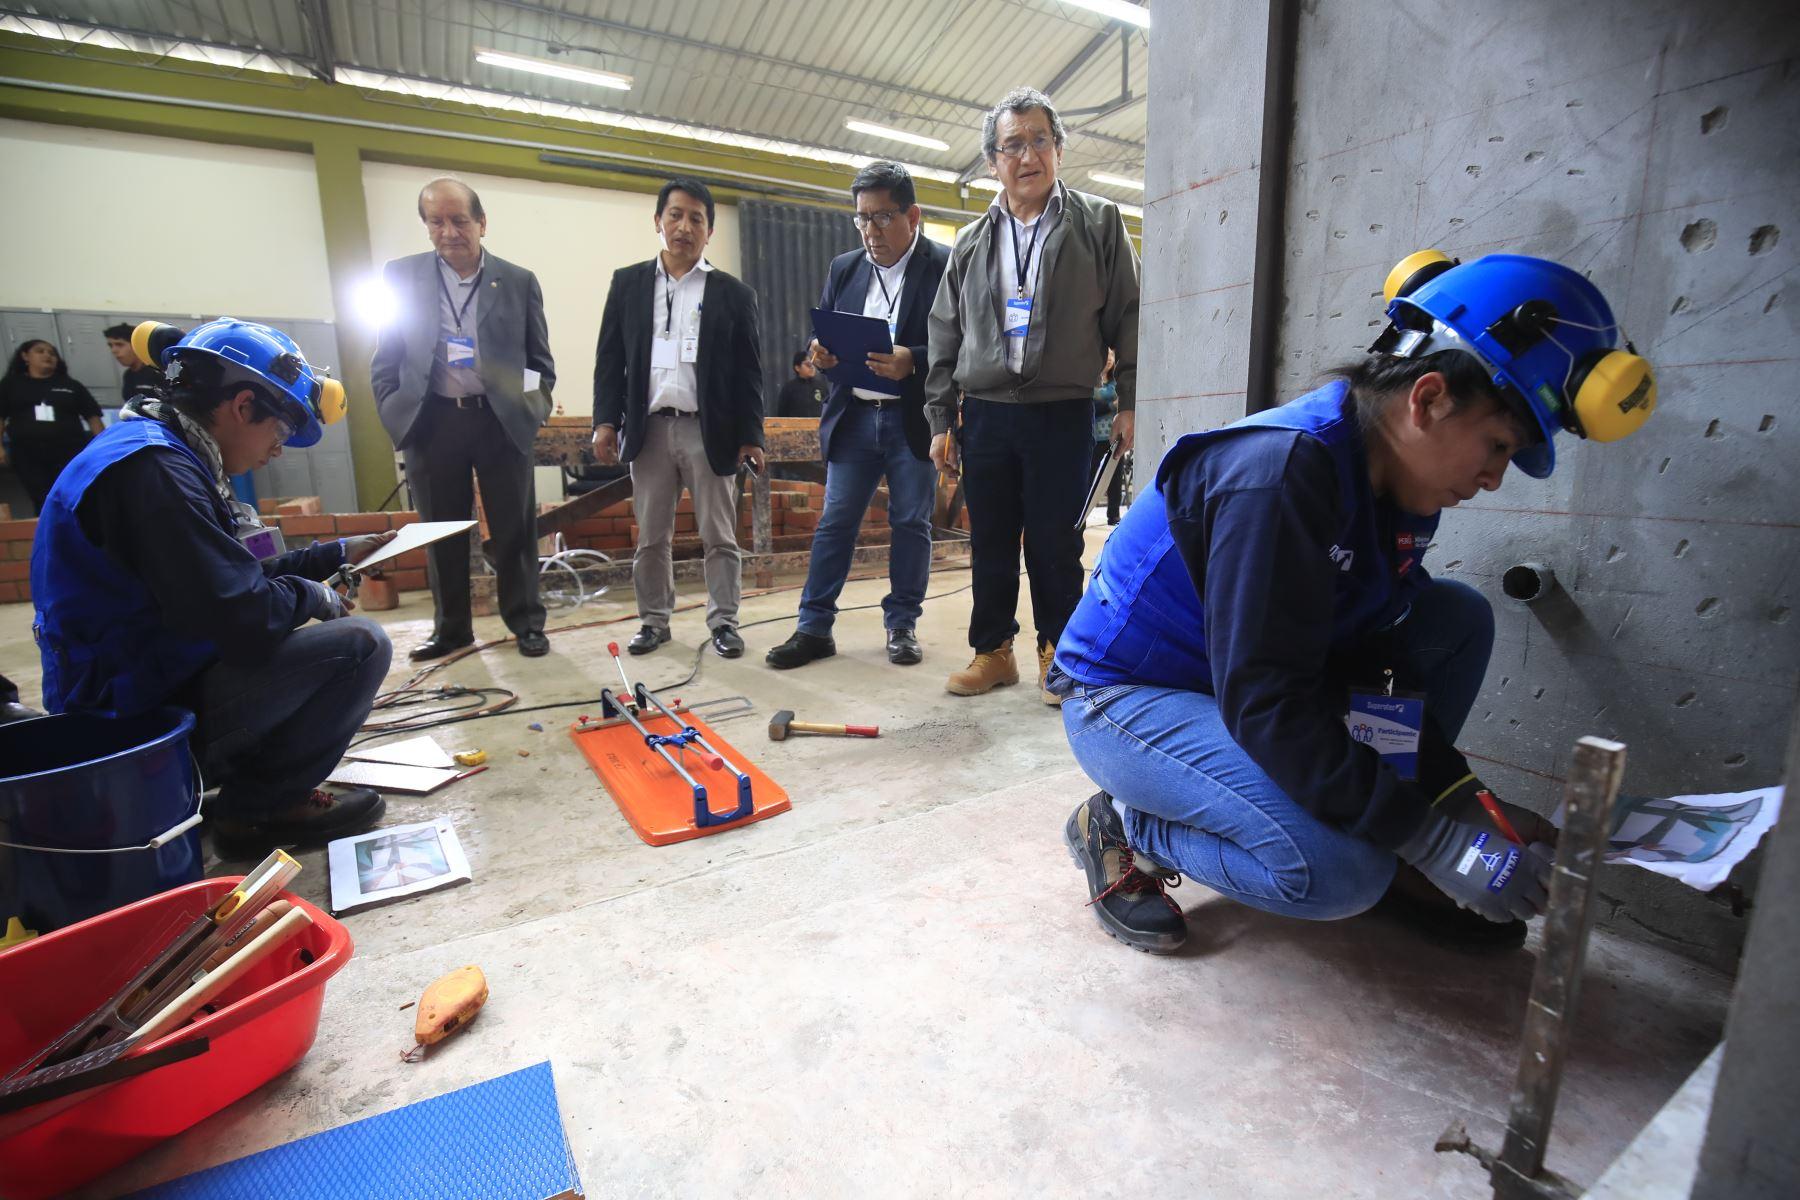 El ministerio de Educación inauguró las Olimpiadas de Habilidades Tecnológicas en el marco del Encuentro Nacional SUPERATEC 2019.  Foto: ANDINA / Juan Carlos Guzmán Negrini.